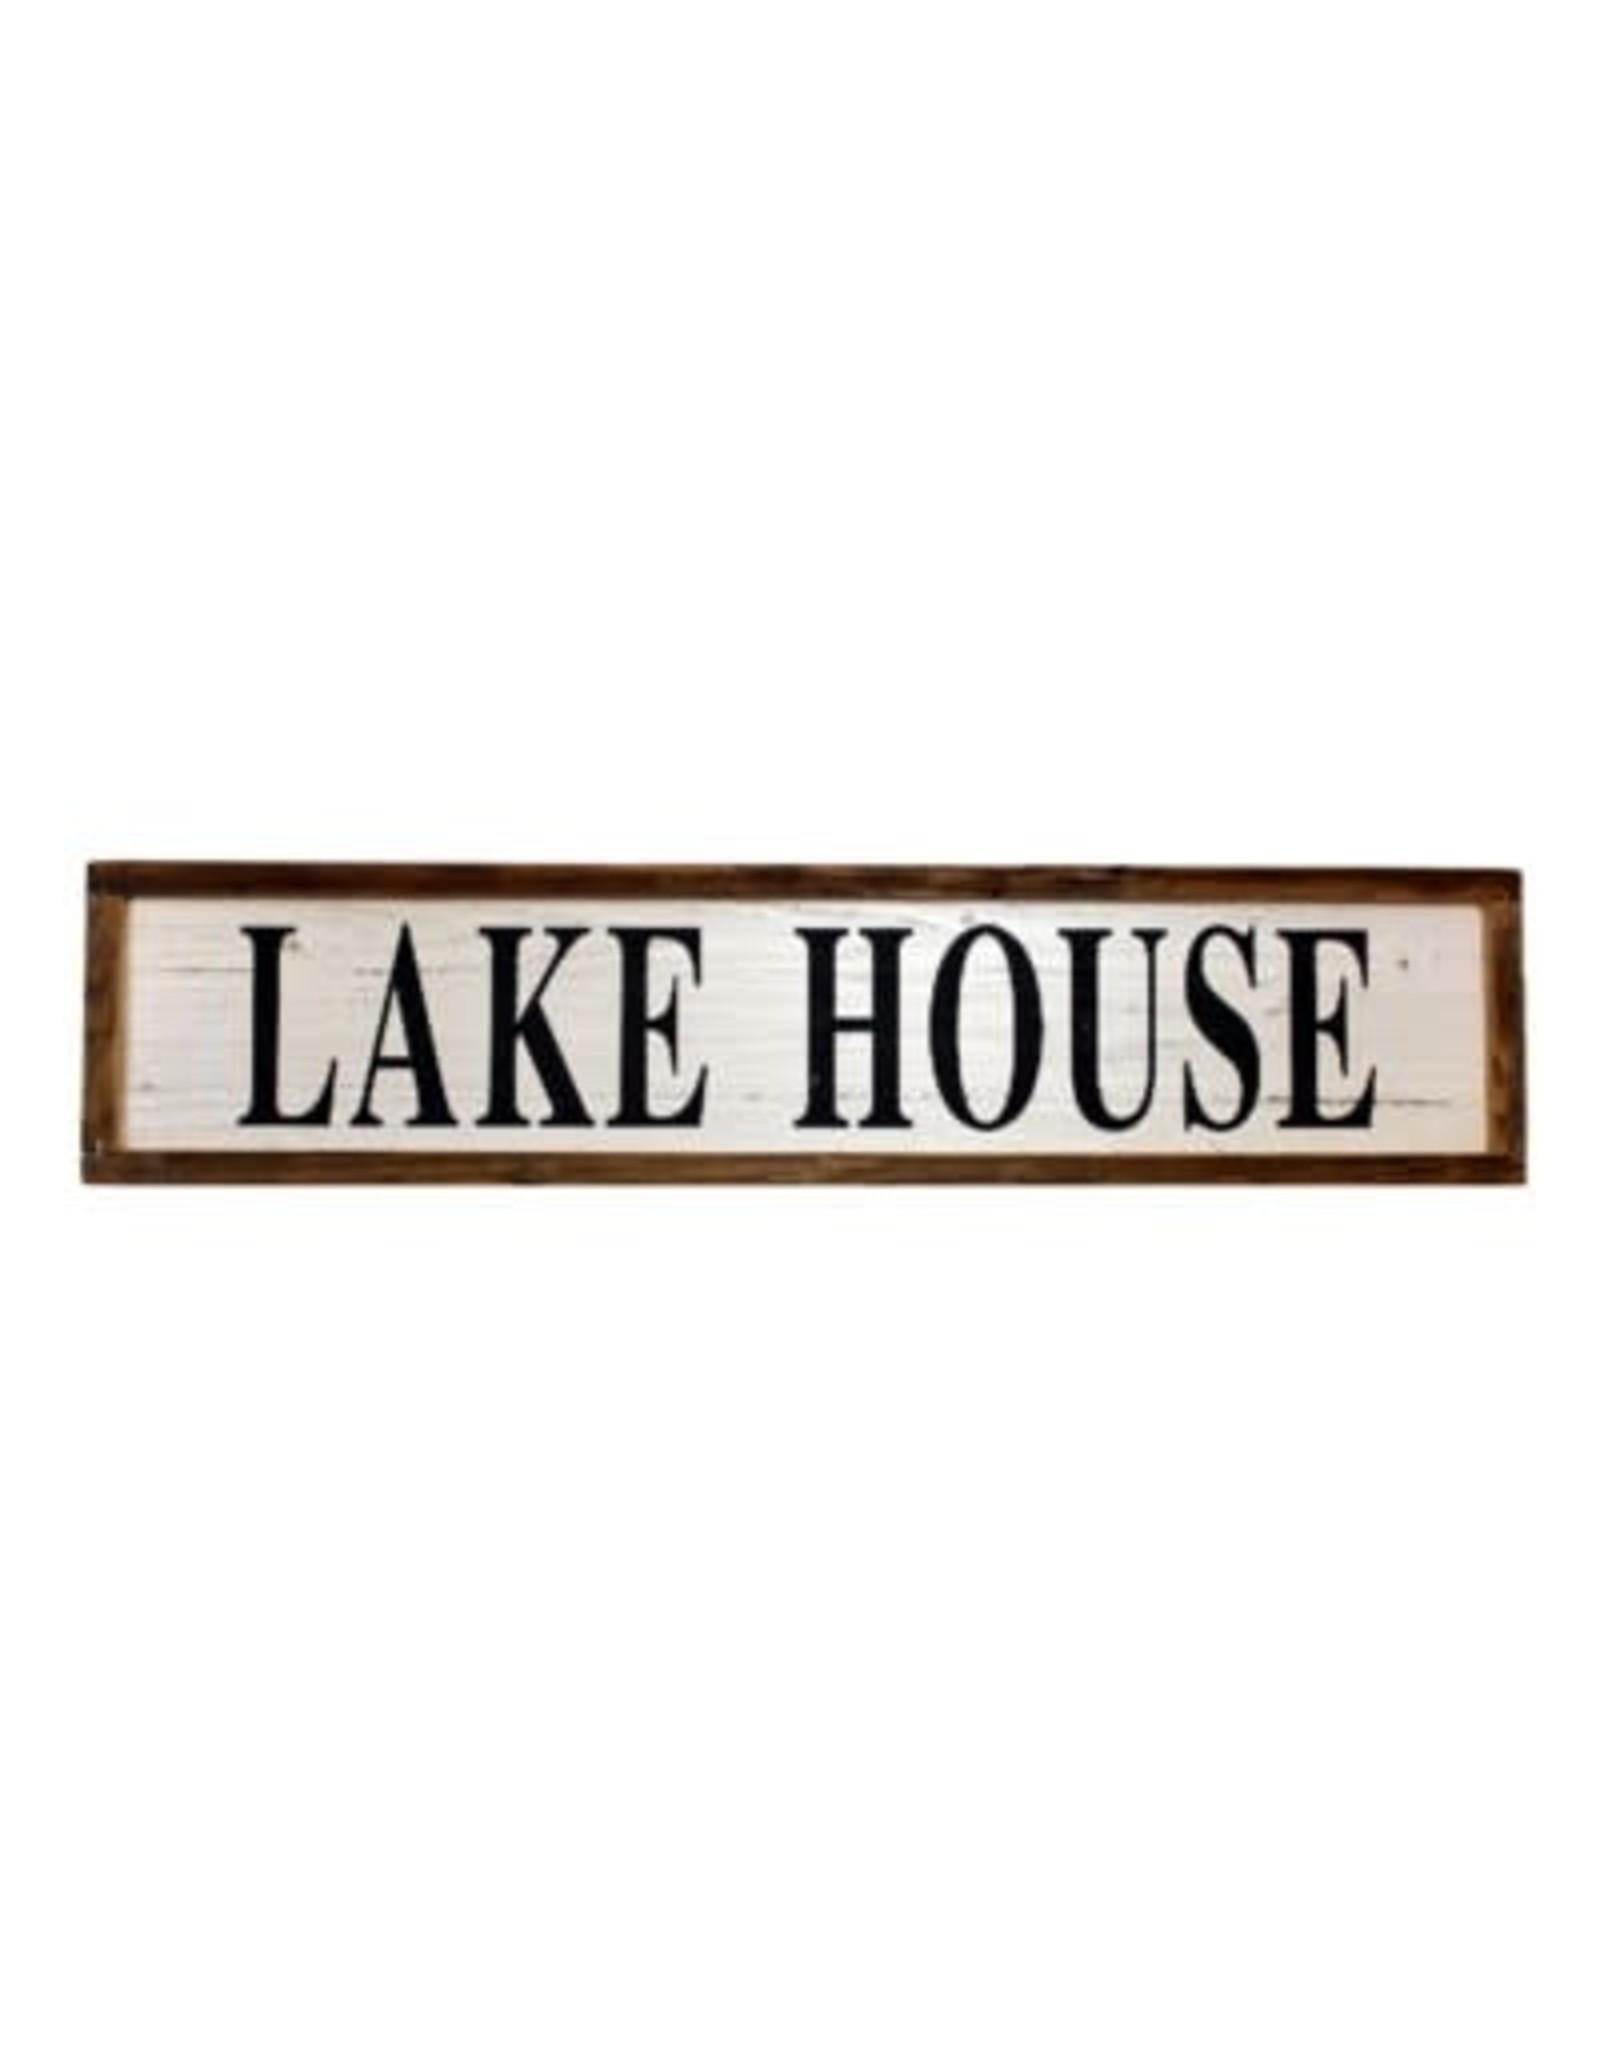 Cadre Lake house